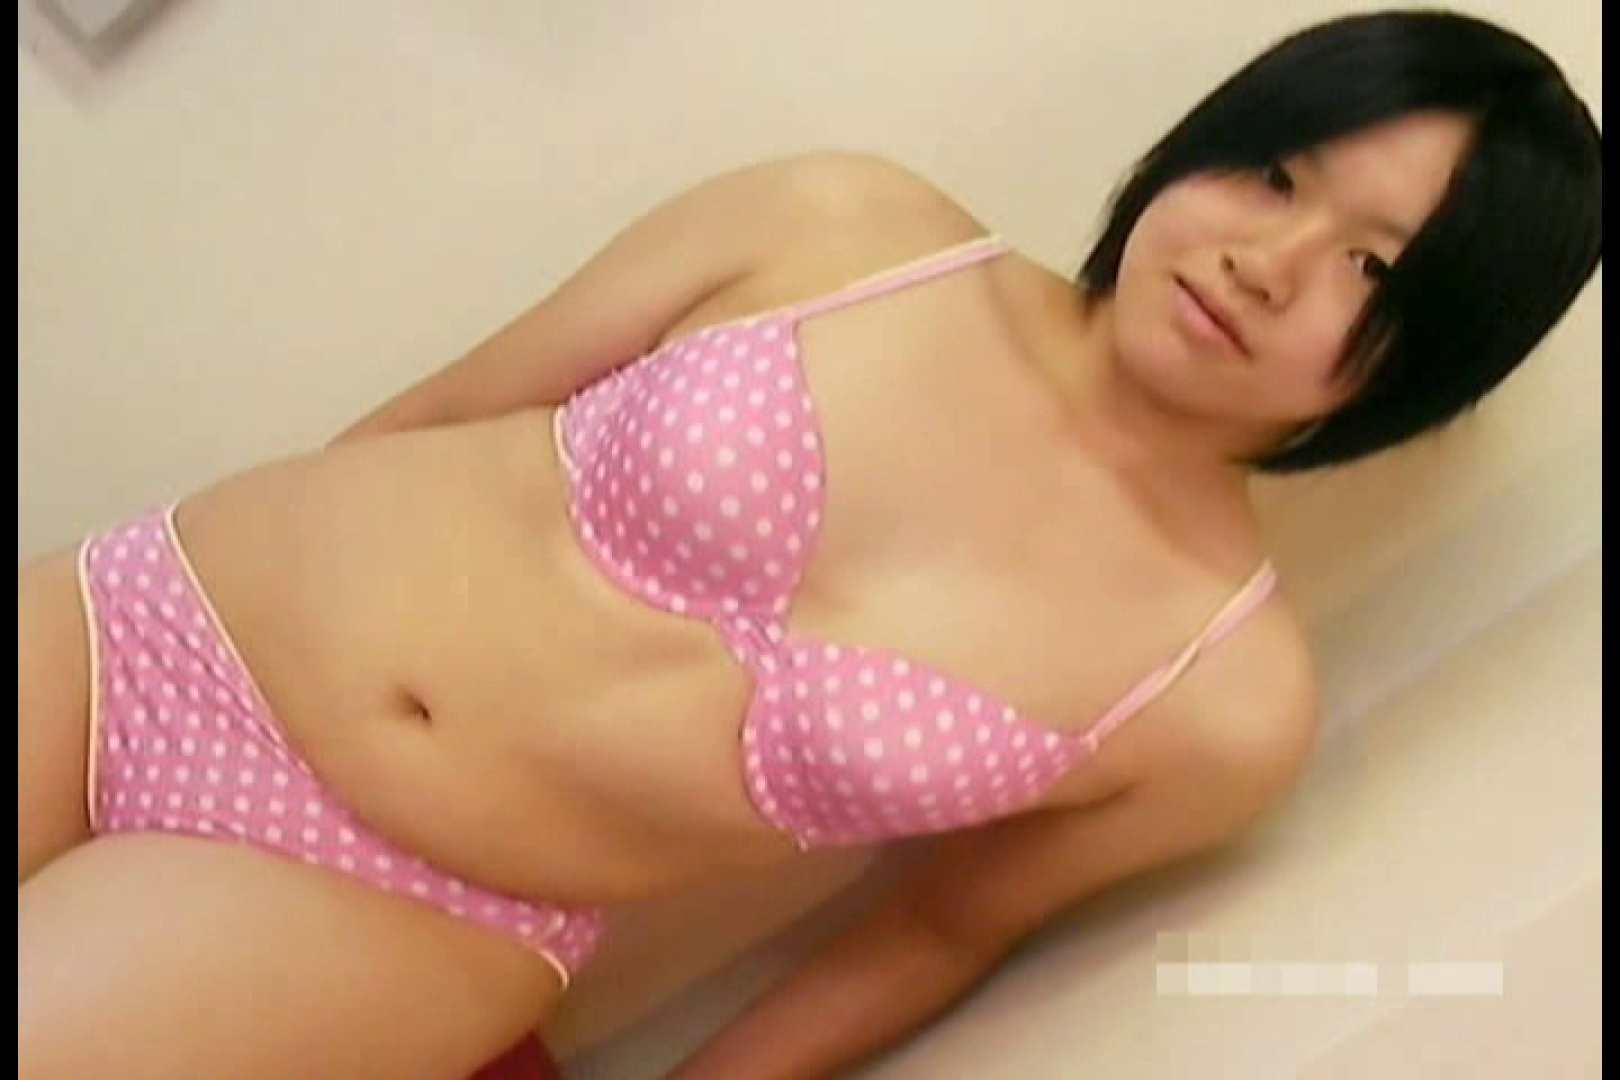 素人撮影 下着だけの撮影のはずが・・・みゆき18歳 素人流出動画 ワレメ無修正動画無料 99枚 14